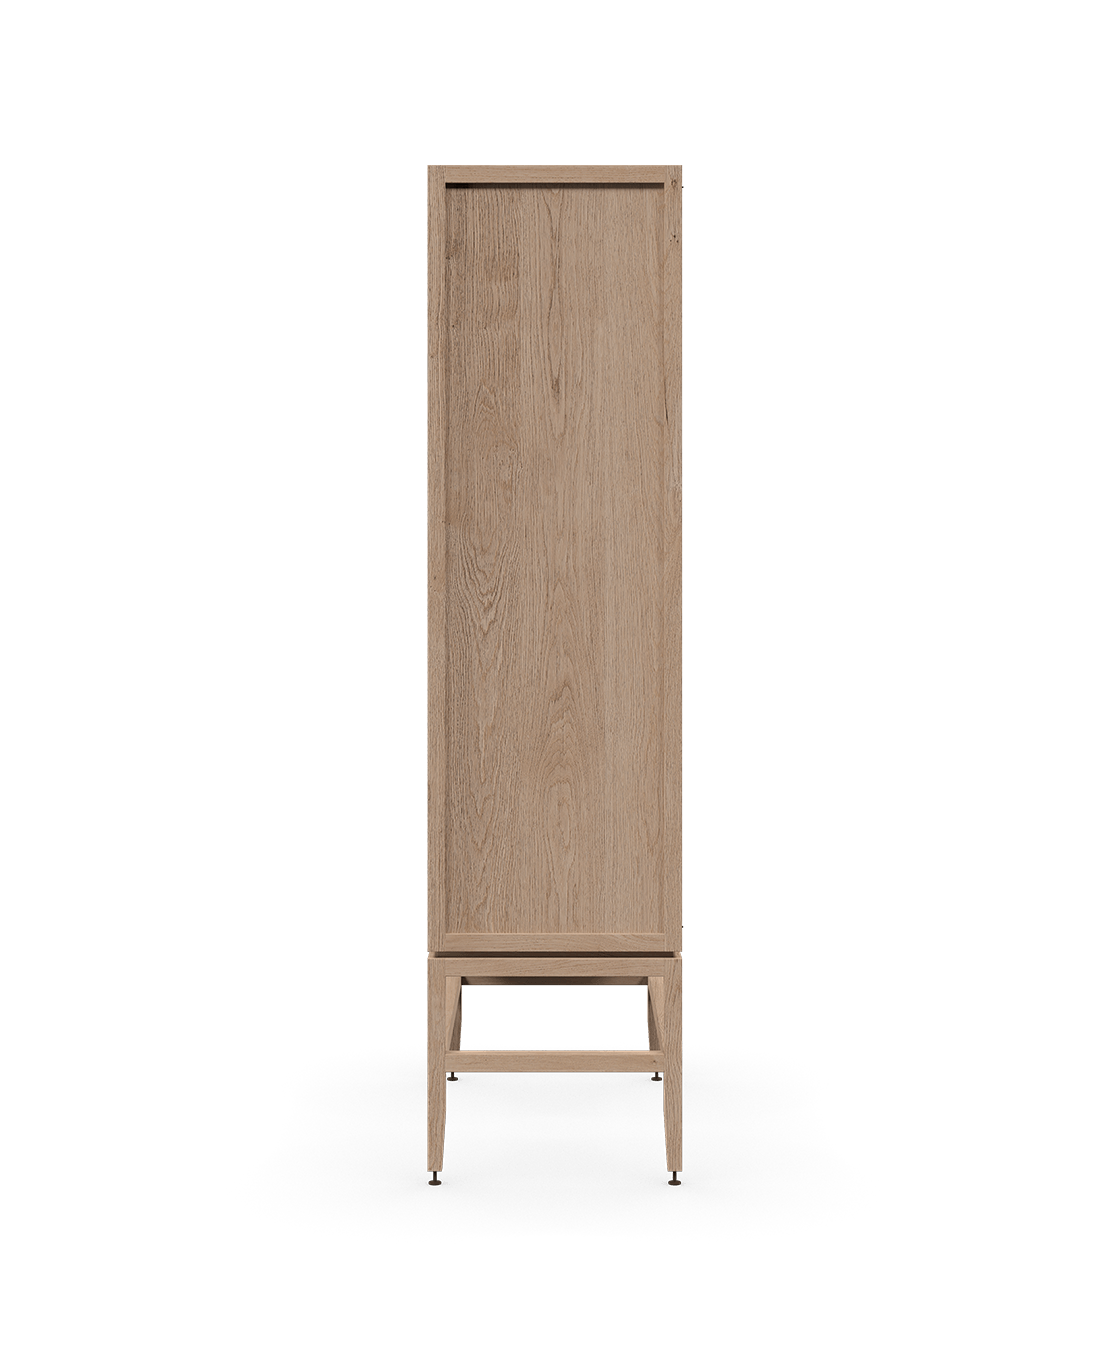 armoire vaisselier vitré modulaire de rangement en bois massif coquo volitare avec 2 portes verre chêne blanc 33 pouces C2-D-3318-1201-NA